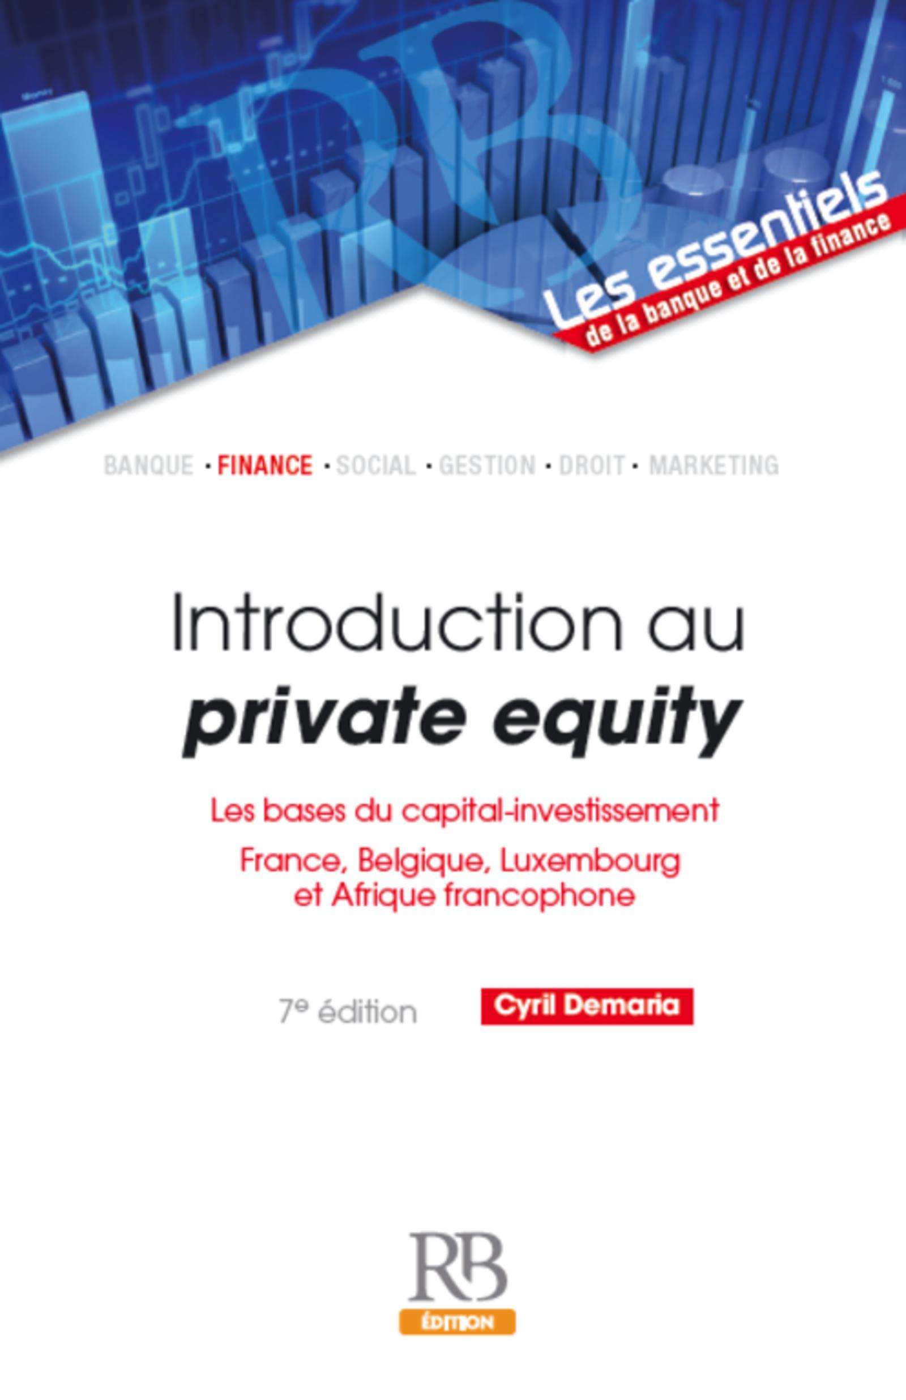 INTRODUCTION AU PRIVATE EQUITY - LES BASES DU CAPITAL-INVESTISSEMENT. FRANCE, BELGIQUE, LUXEMBOURG E